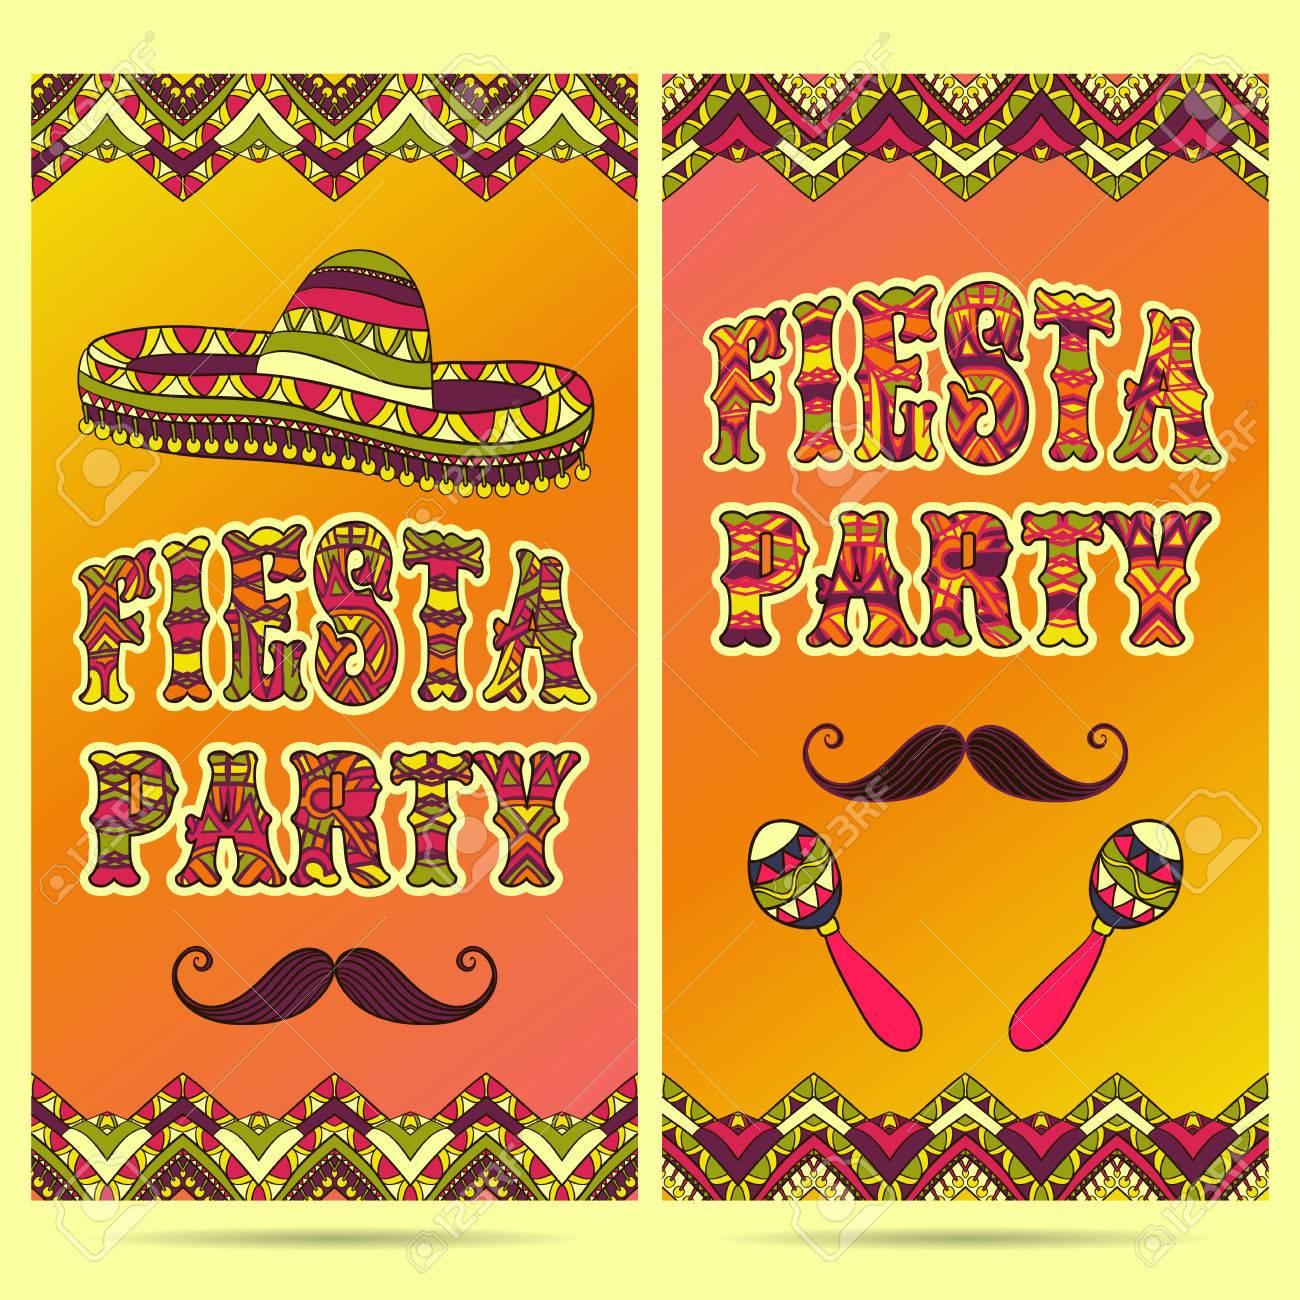 Hermosa Tarjeta De Felicitación Invitación Para Festival Fiesta Concepto De Diseño Para El Día De Fiesta Mexicana Del Cinco De Mayo Con Maracas